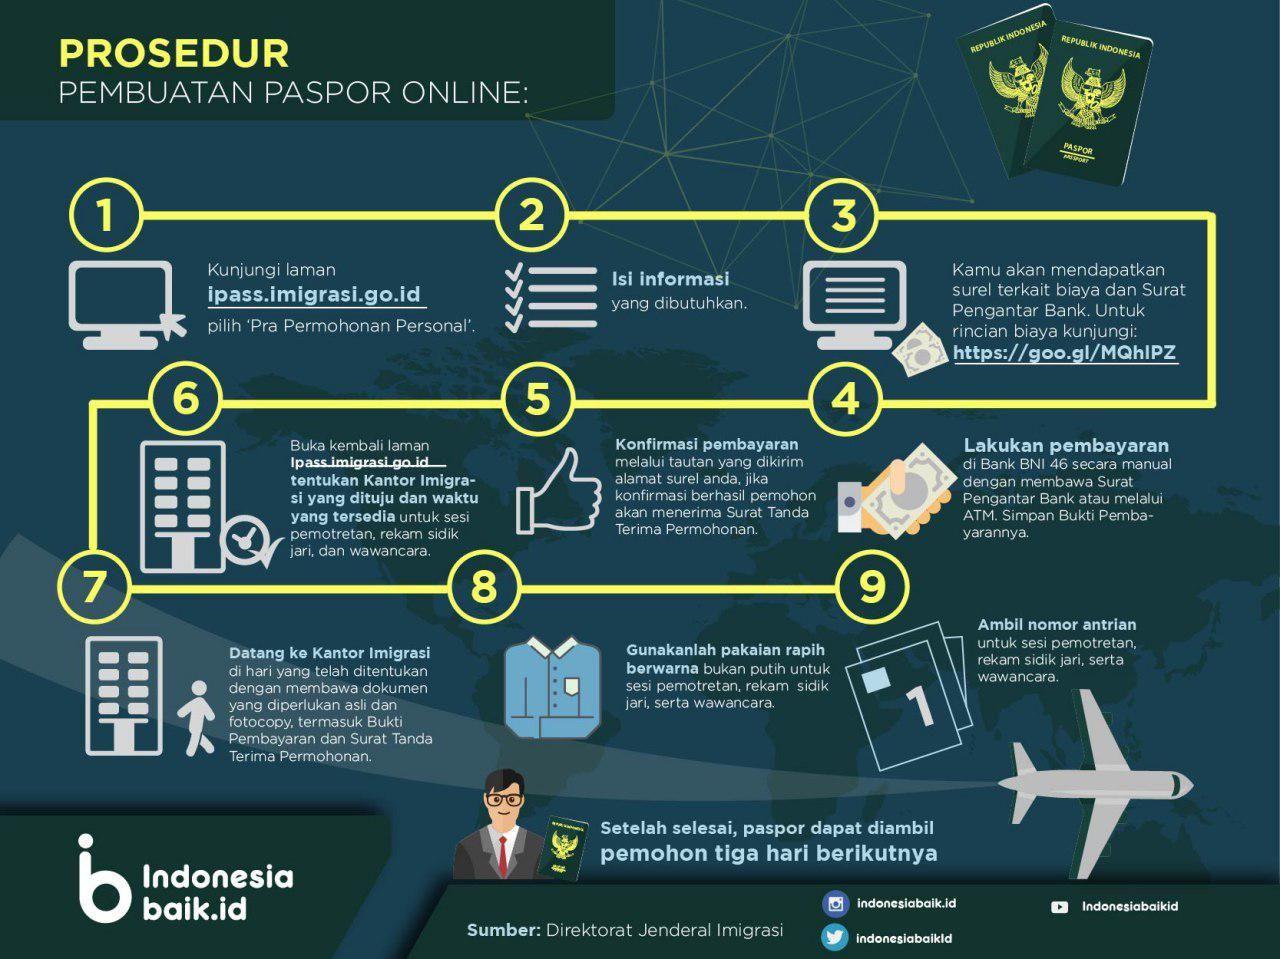 Prosedur Pembuatan Paspor Online Indonesia Baik Belajar